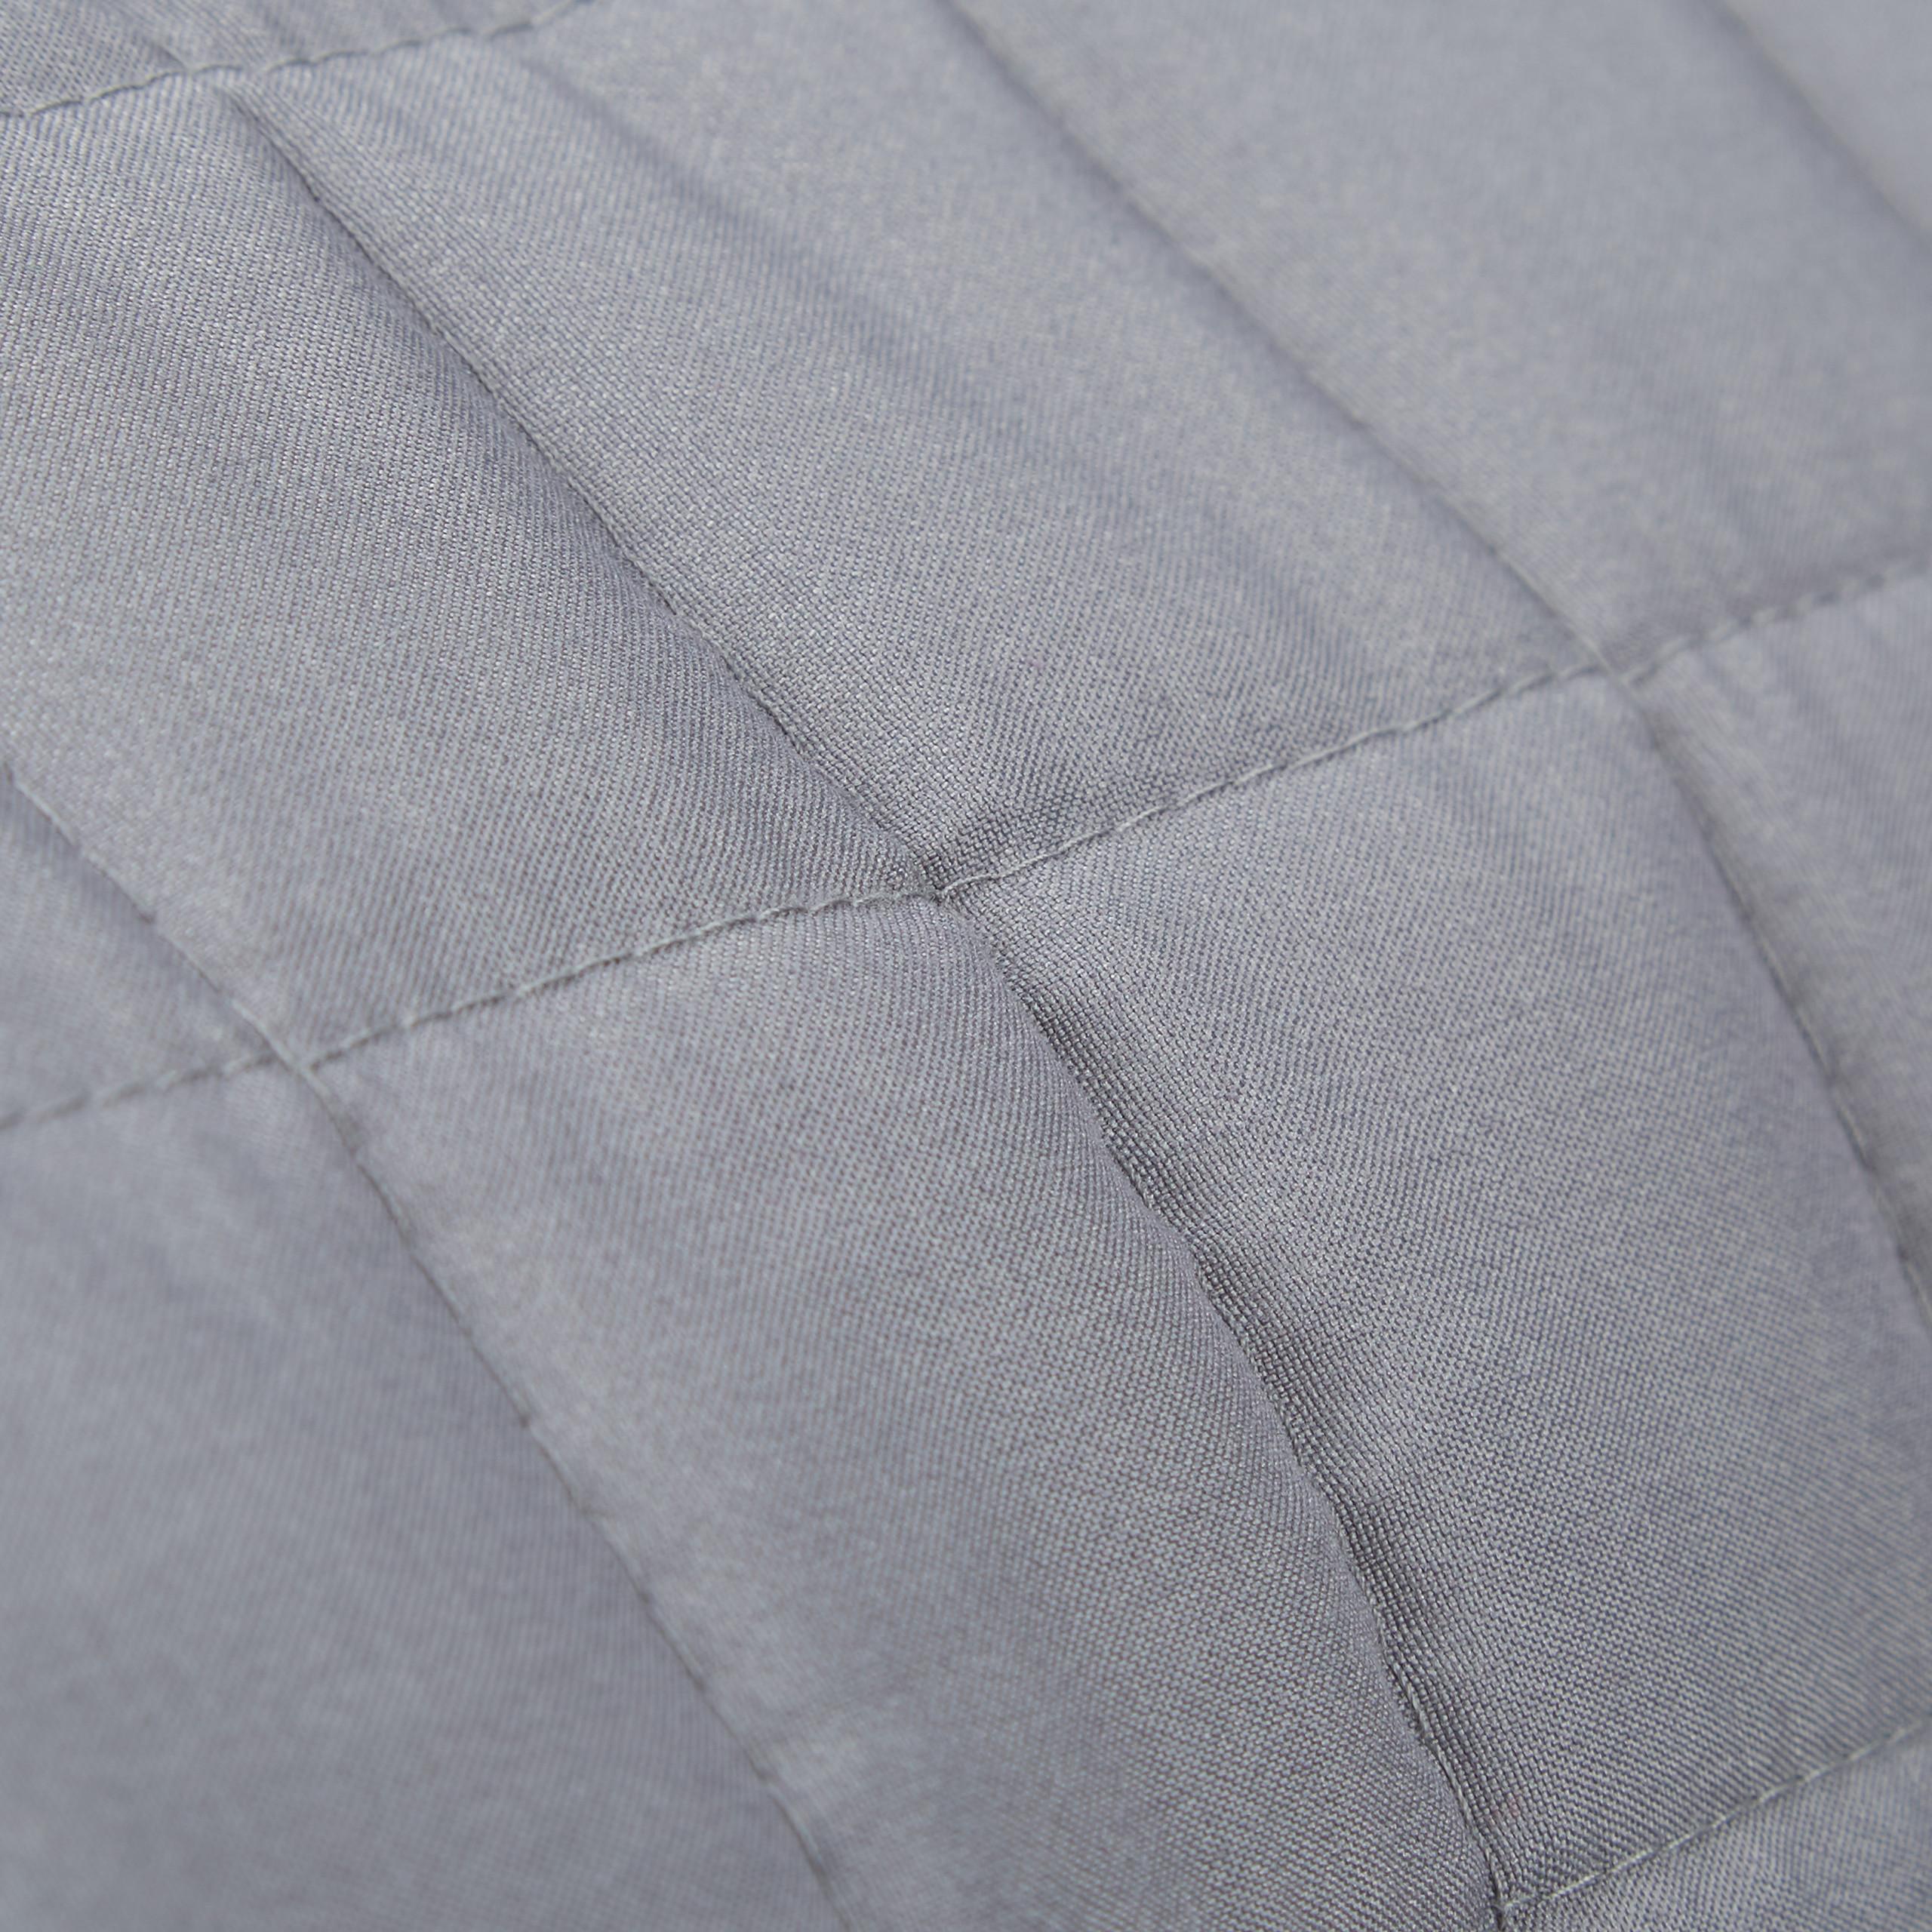 Tagesdecke grau Kuscheldecke Polyester Couchdecke Schlafdecke Überwurf gesteppt